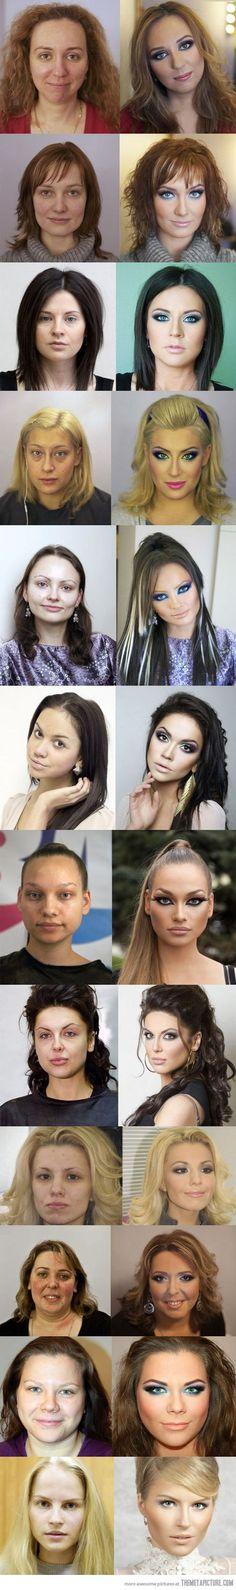 Selon sa morphologie visage, un maquillage réussi en respectant les règles d'ombre et de lumière. Transformation